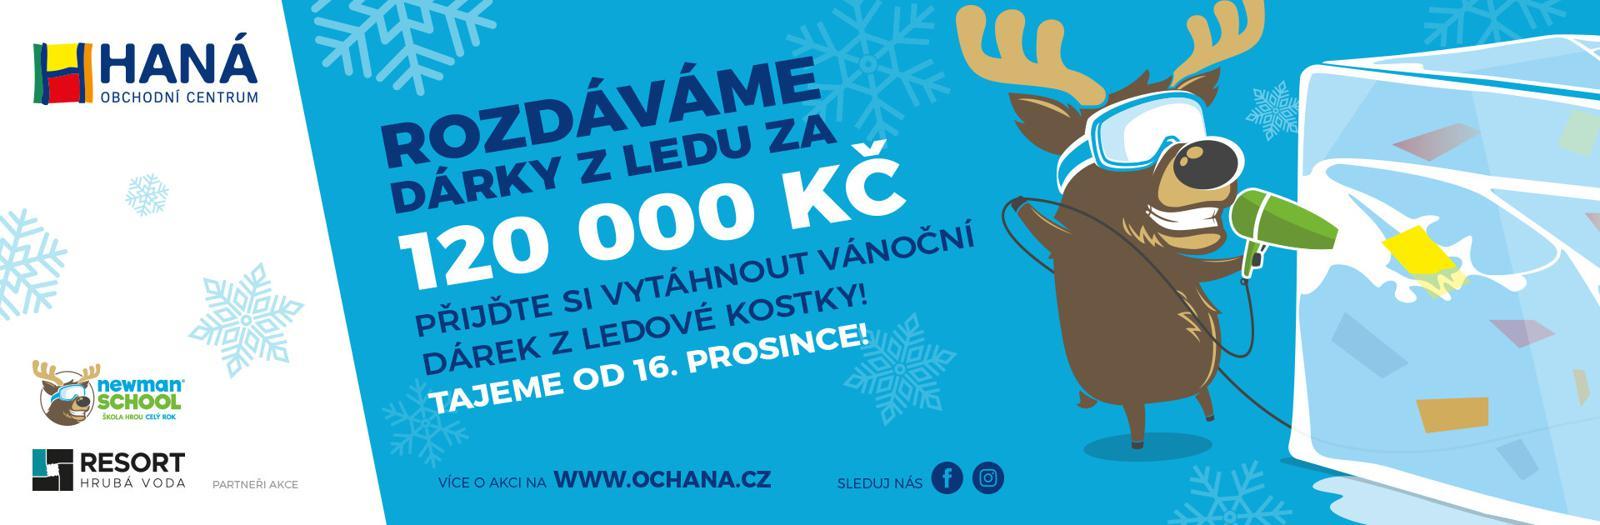 Rozdáváme dárky z ledu za 120 000 Kč!